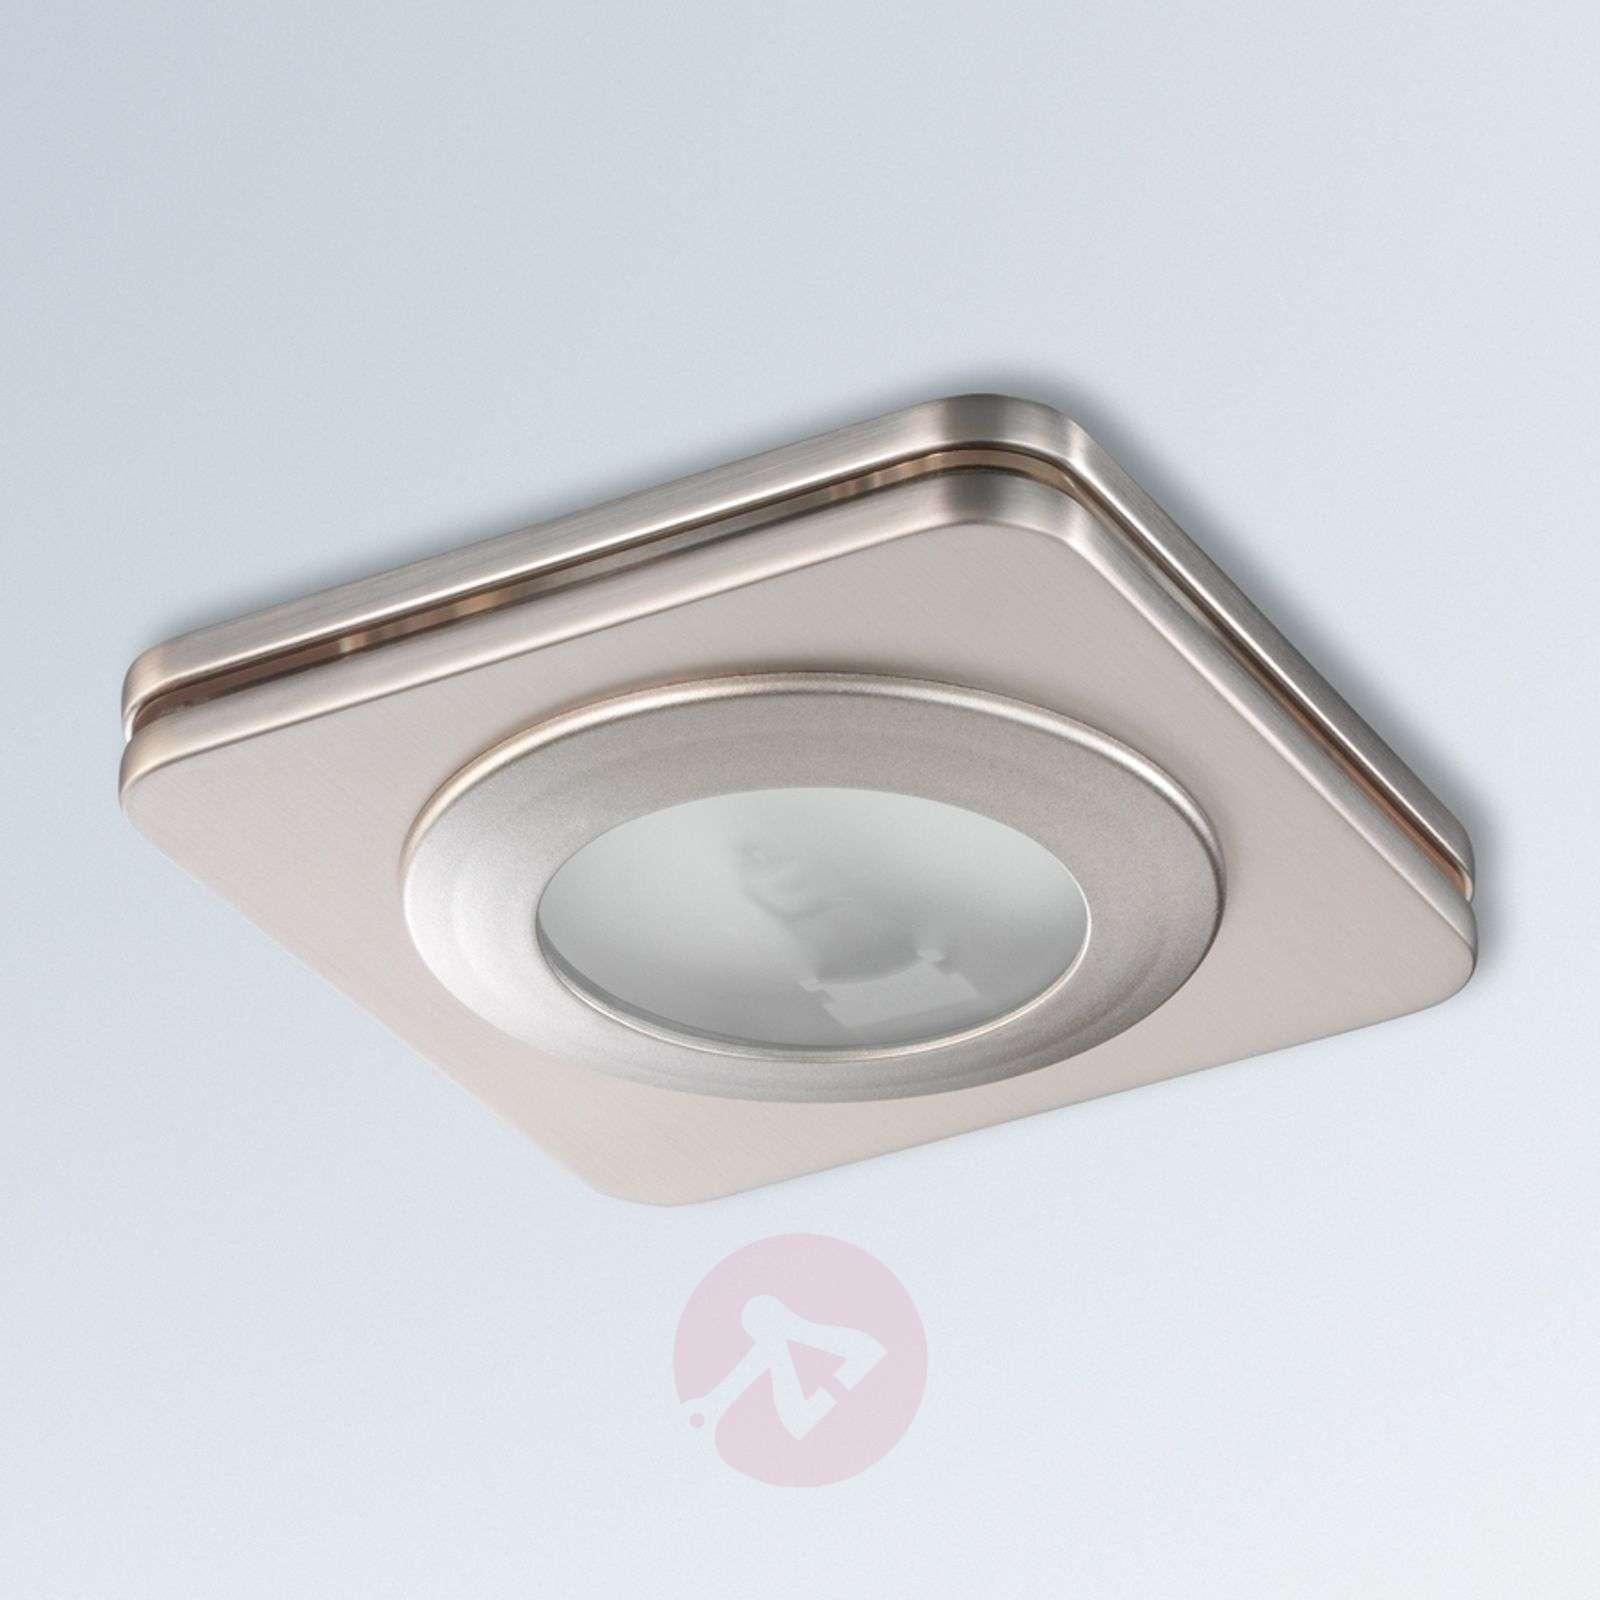 Filigraani SANDWICH-kaapinalusavalaisin-3025150-01